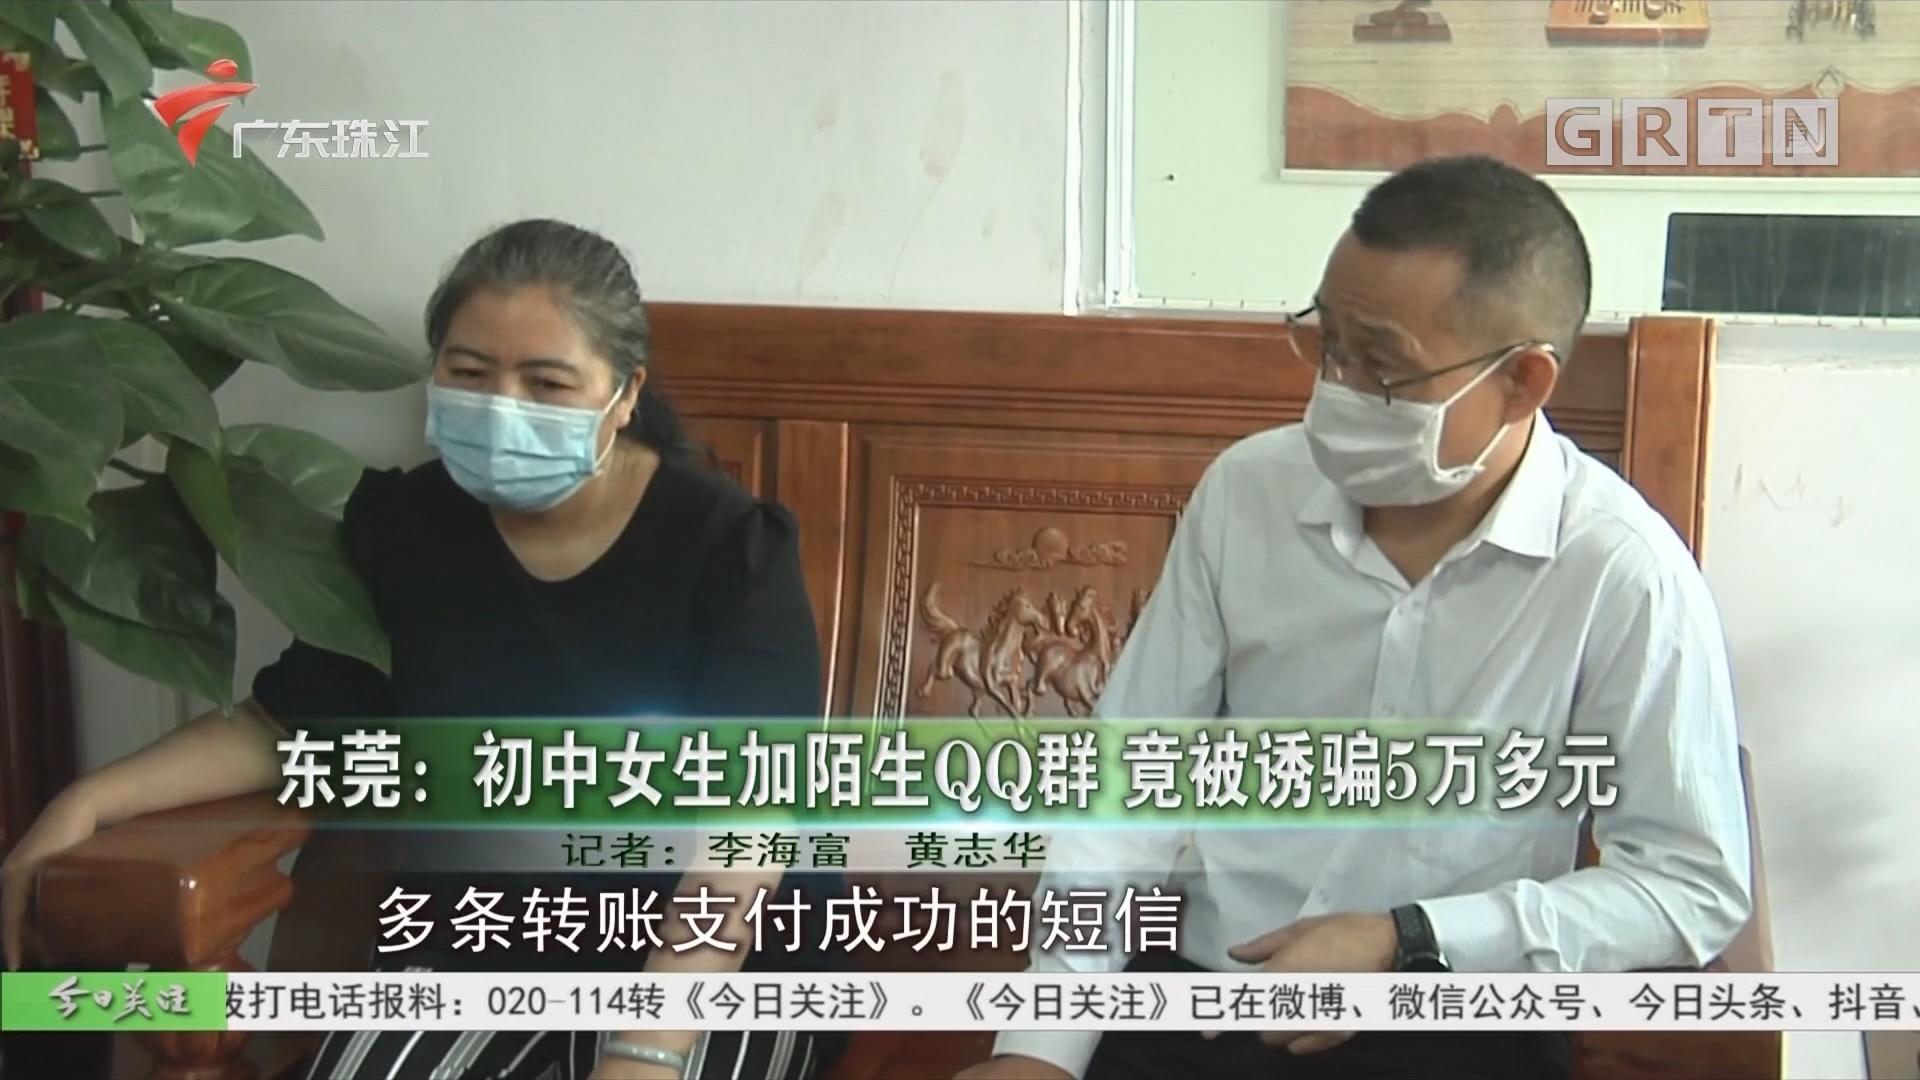 东莞:初中女生加陌生QQ群 竟被诱骗5万多元